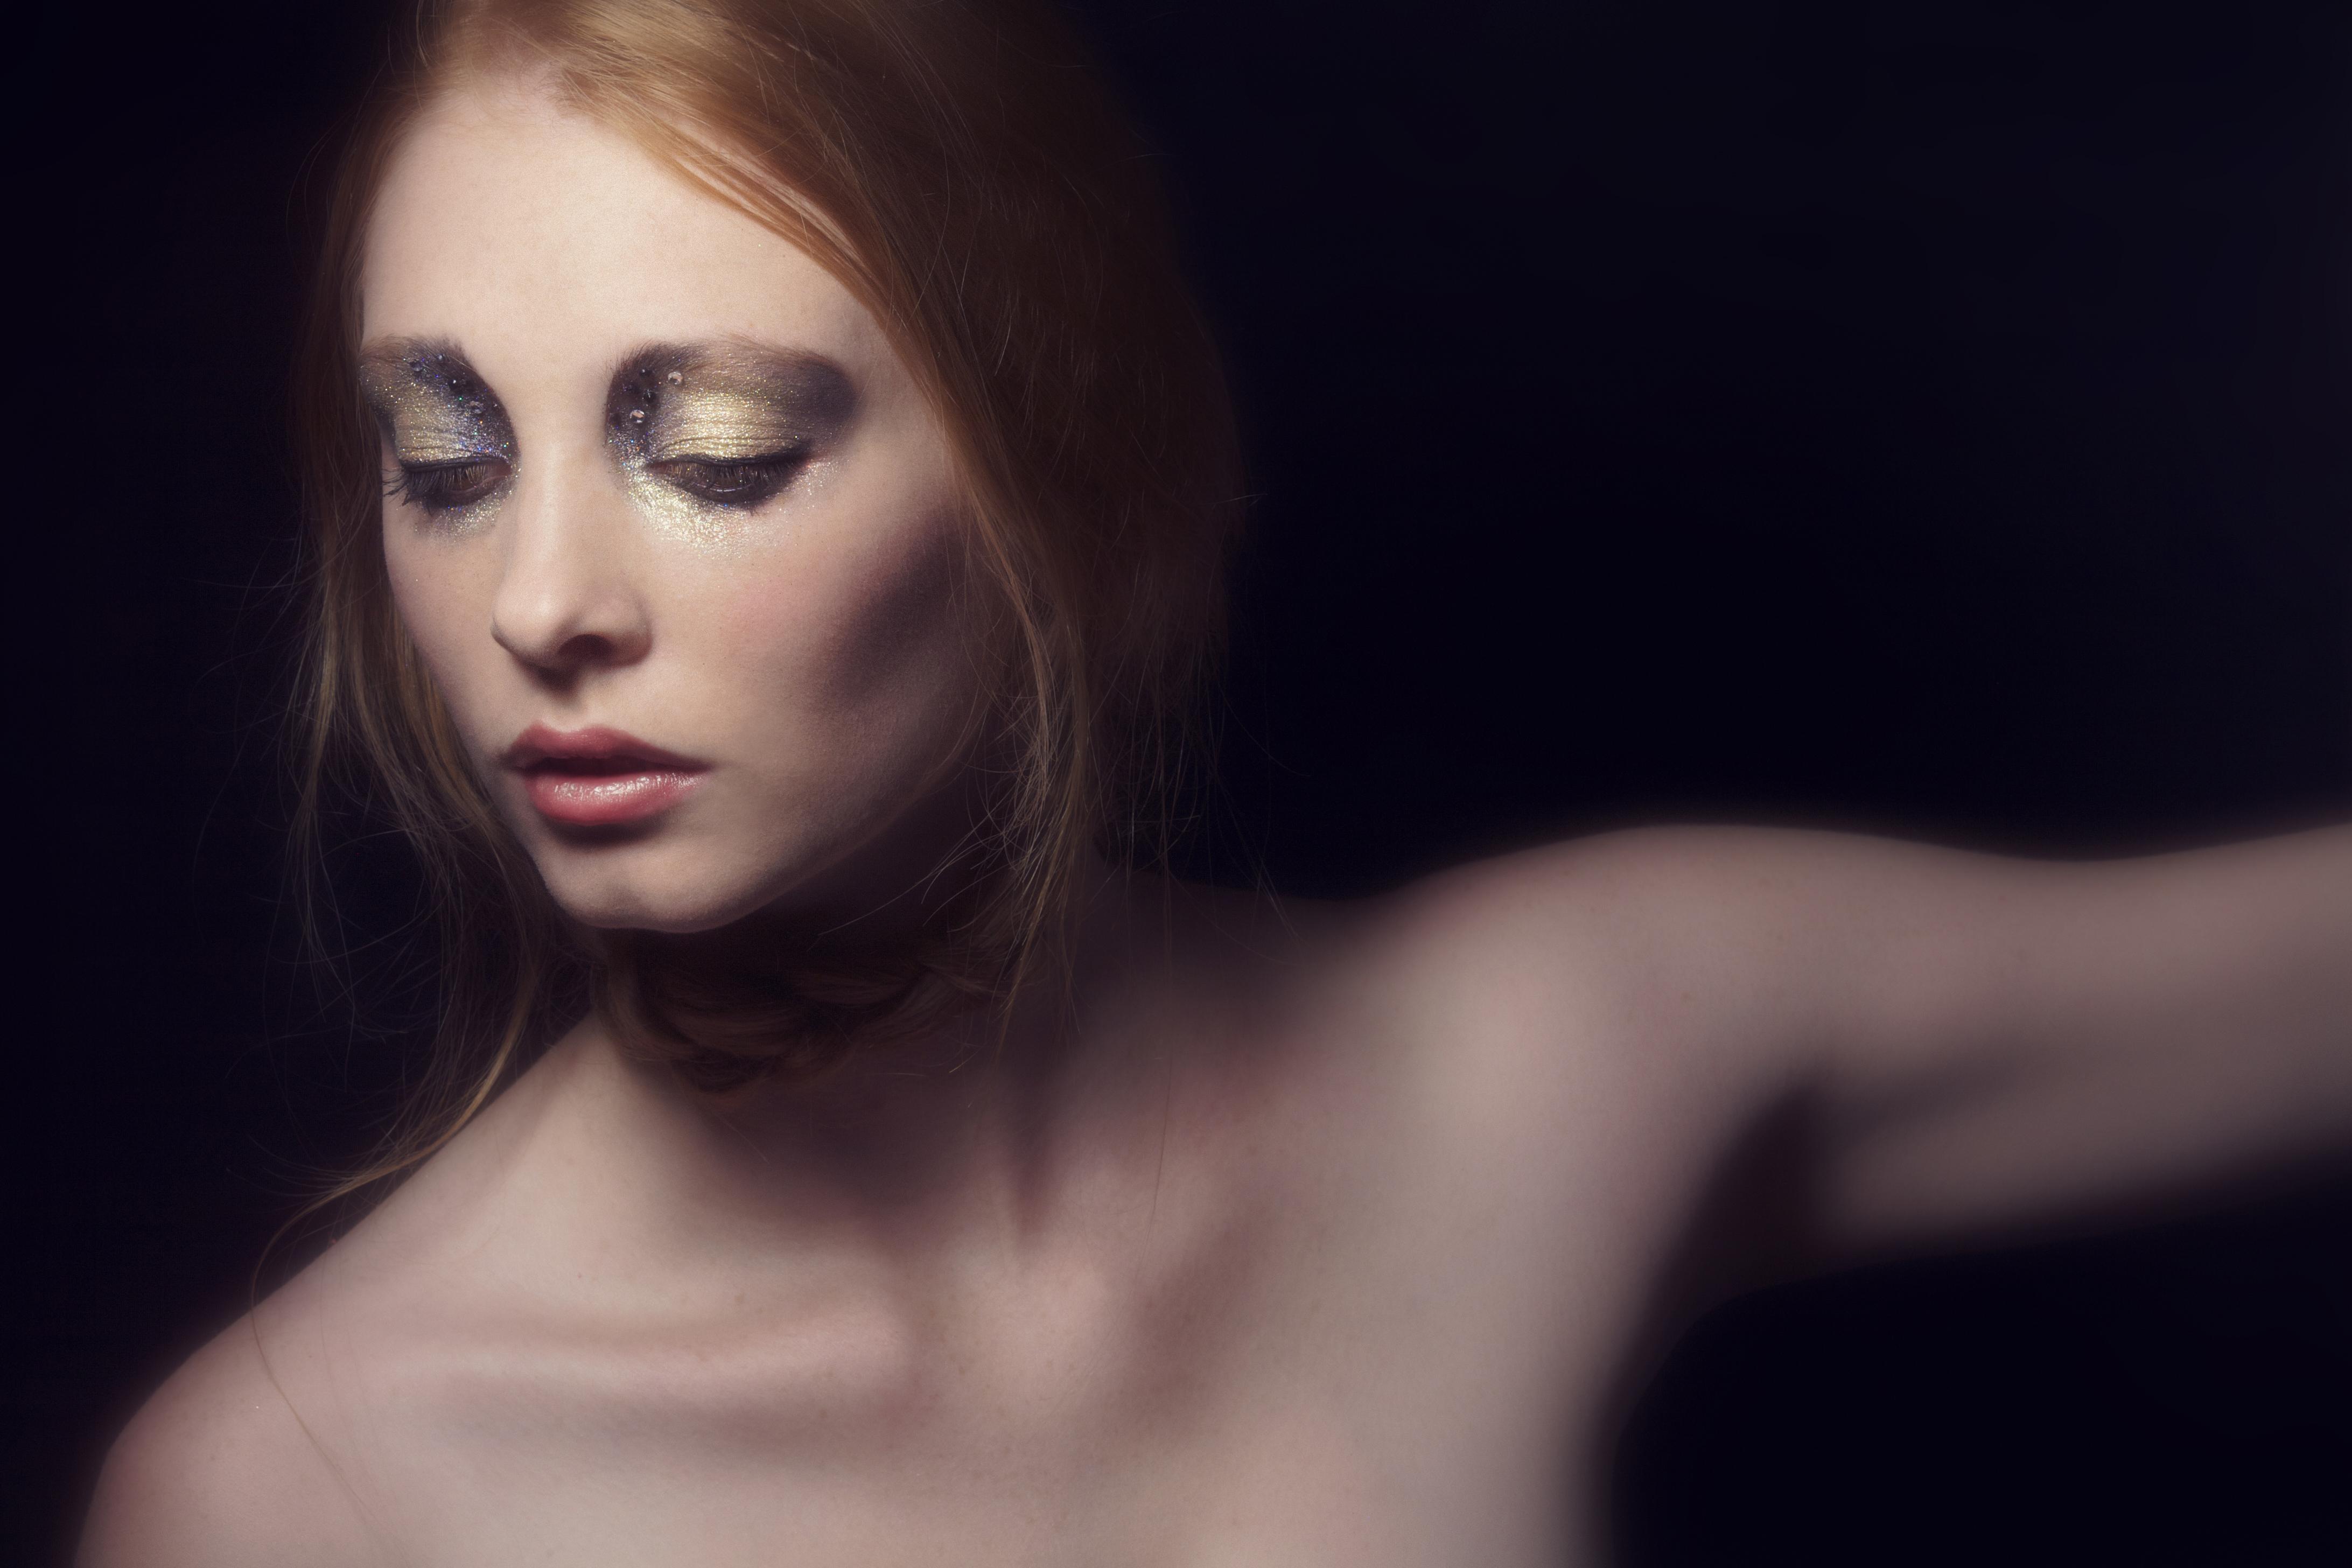 photographe_tours_paris_beauté_bijoux_makeup_book_artiste08